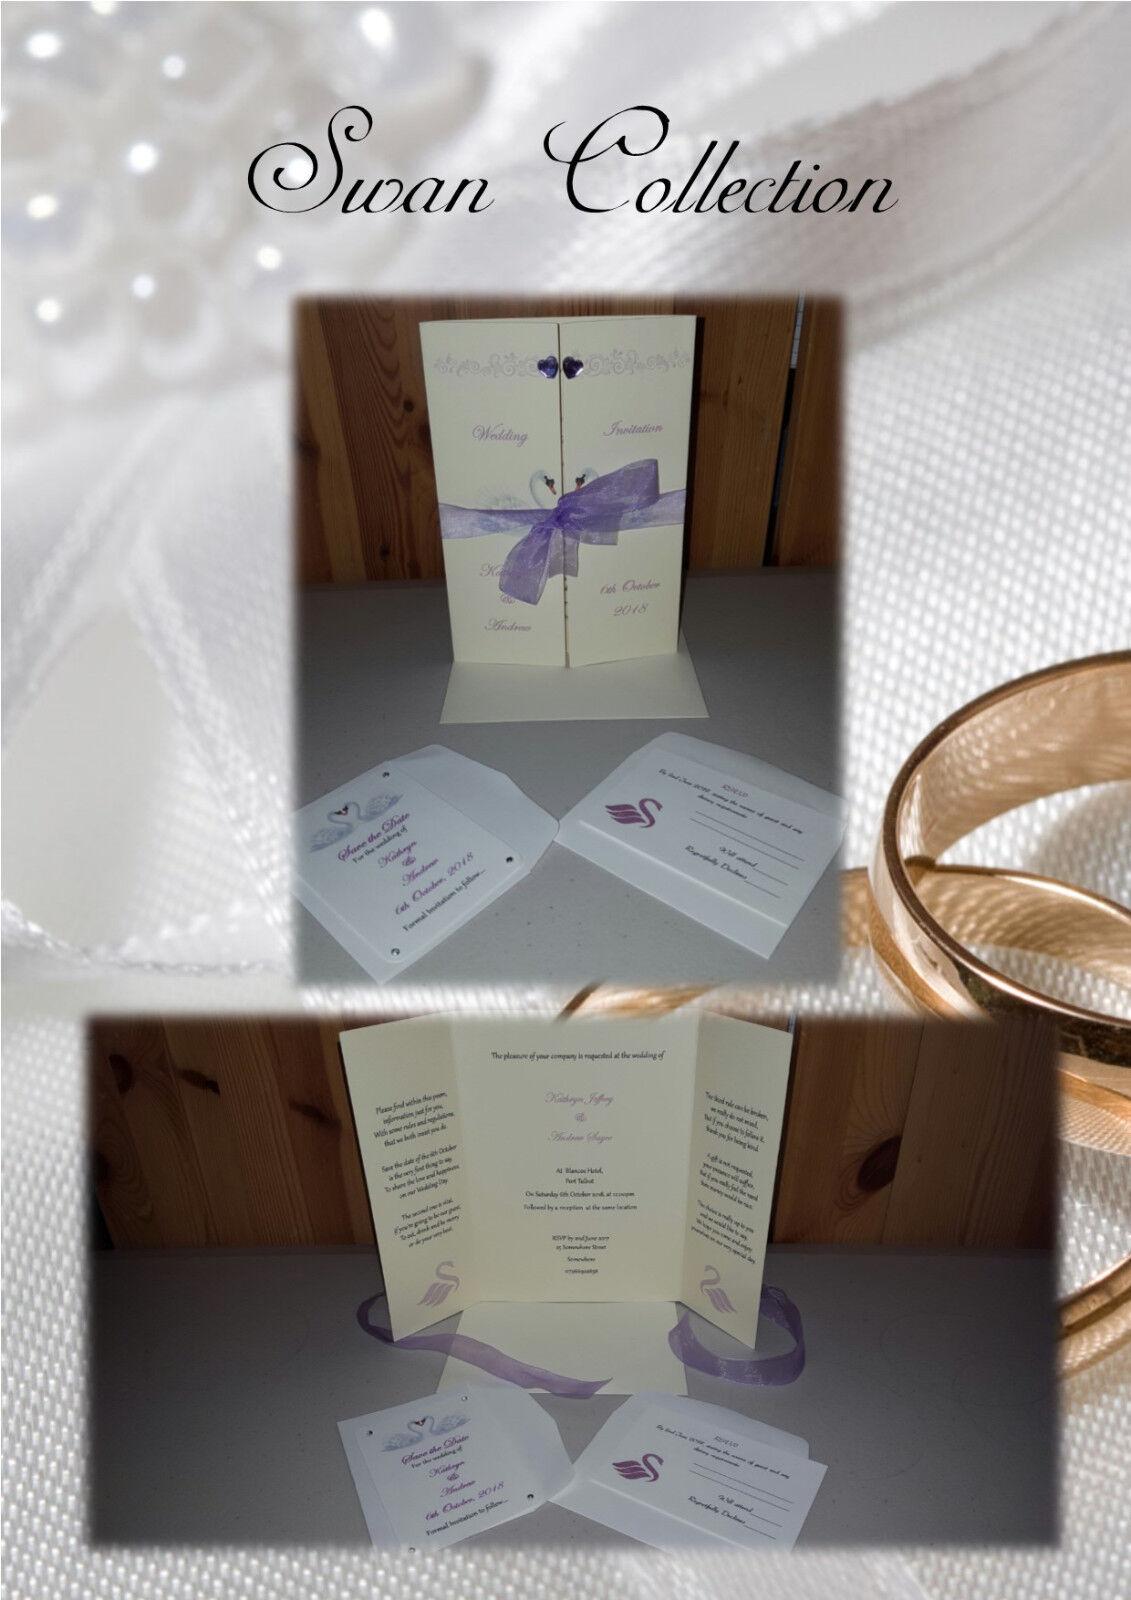 Personnalisé Mariage/Fiançailles invitations gate fold Design Design fold (divers modèles) ea76d6